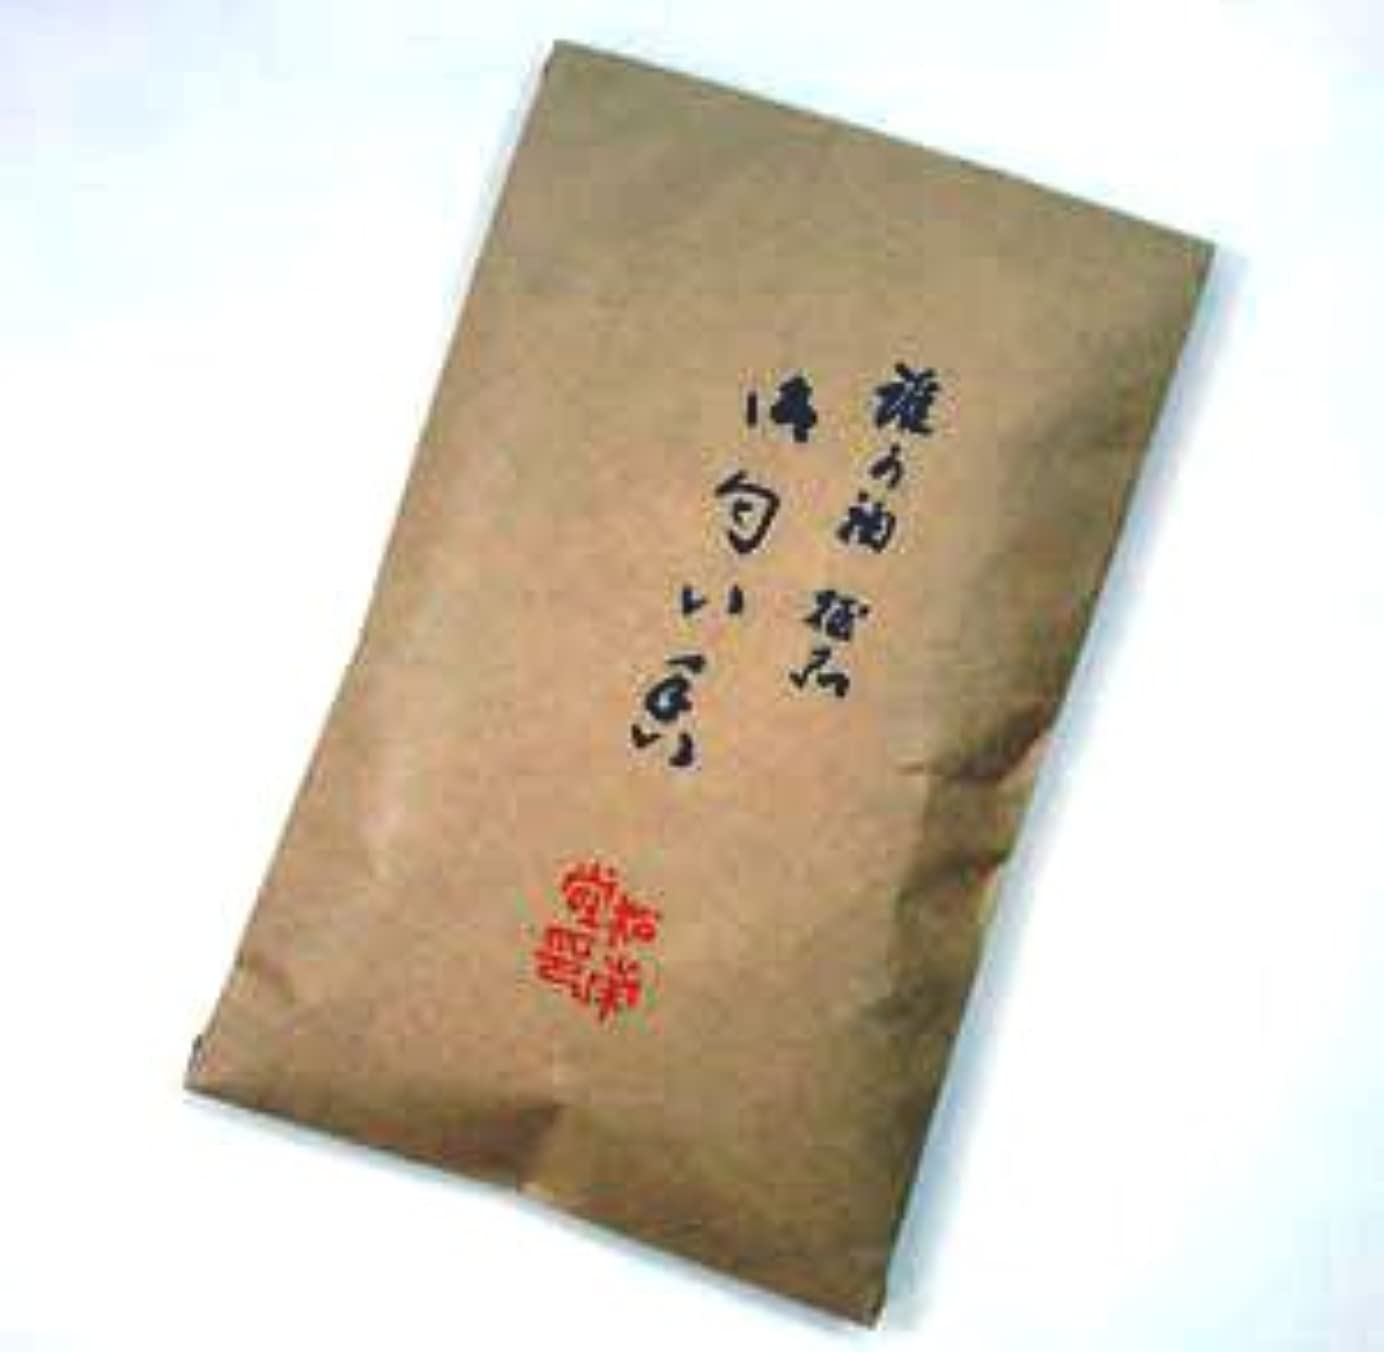 サルベージ色合い先入観匂い袋用のお香(詰替え用) 「匂い香【極品】」